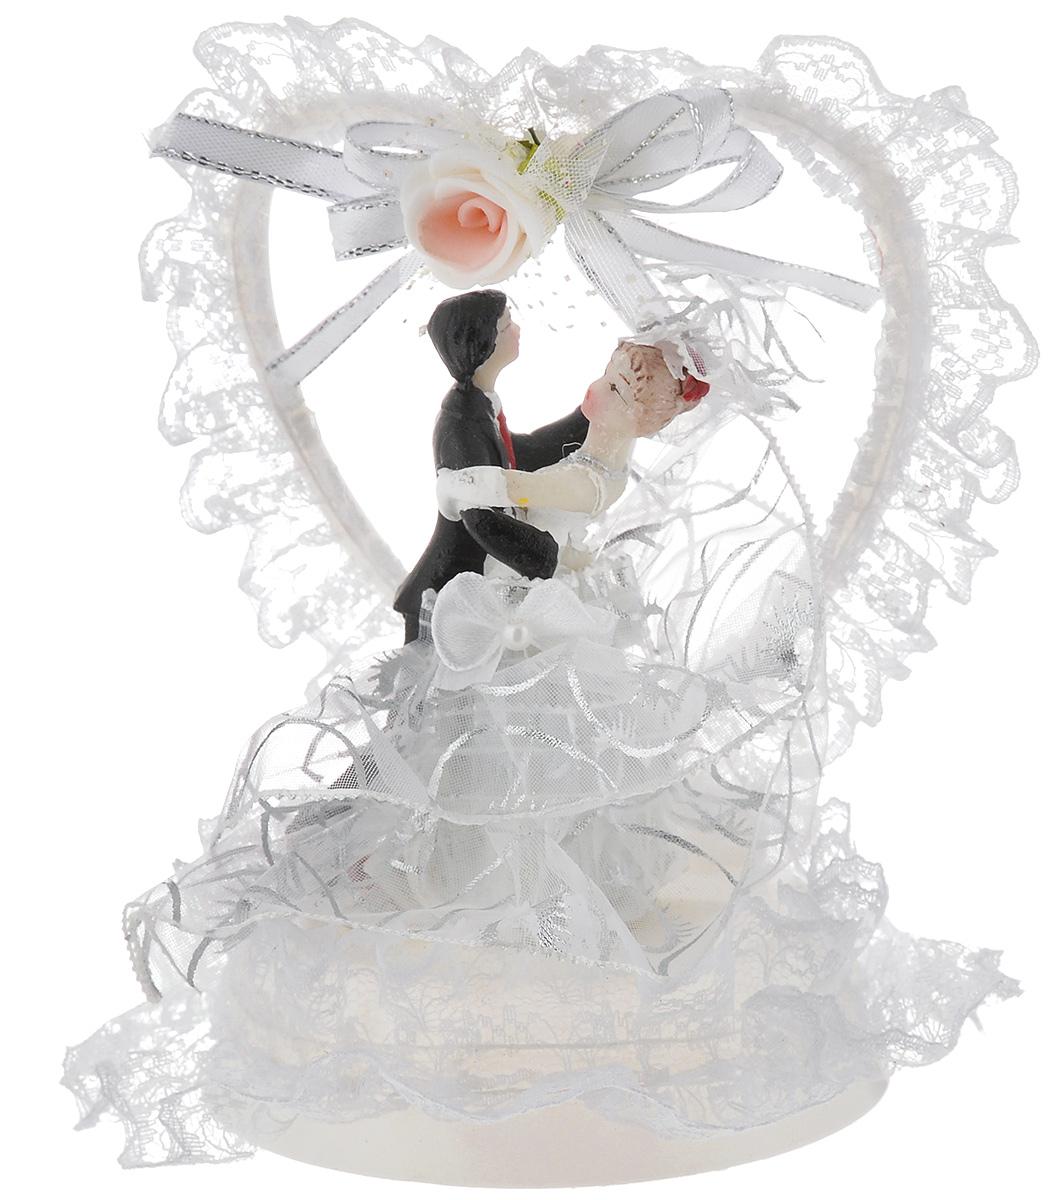 Фигурка декоративная Win Max Жених и невеста, 14 см38574Декоративная фигурка Win Max Жених и невеста изготовлена из полистоуна и текстиля. Изделие представляет собой круглую подставку с фигурками жениха и невесты, украшенных тесьмой. Такая фигурка идеально впишется в свадебный интерьер и будет радовать вас своим видом в самый важный день в вашей жизни.Высота фигурки: 14 см.